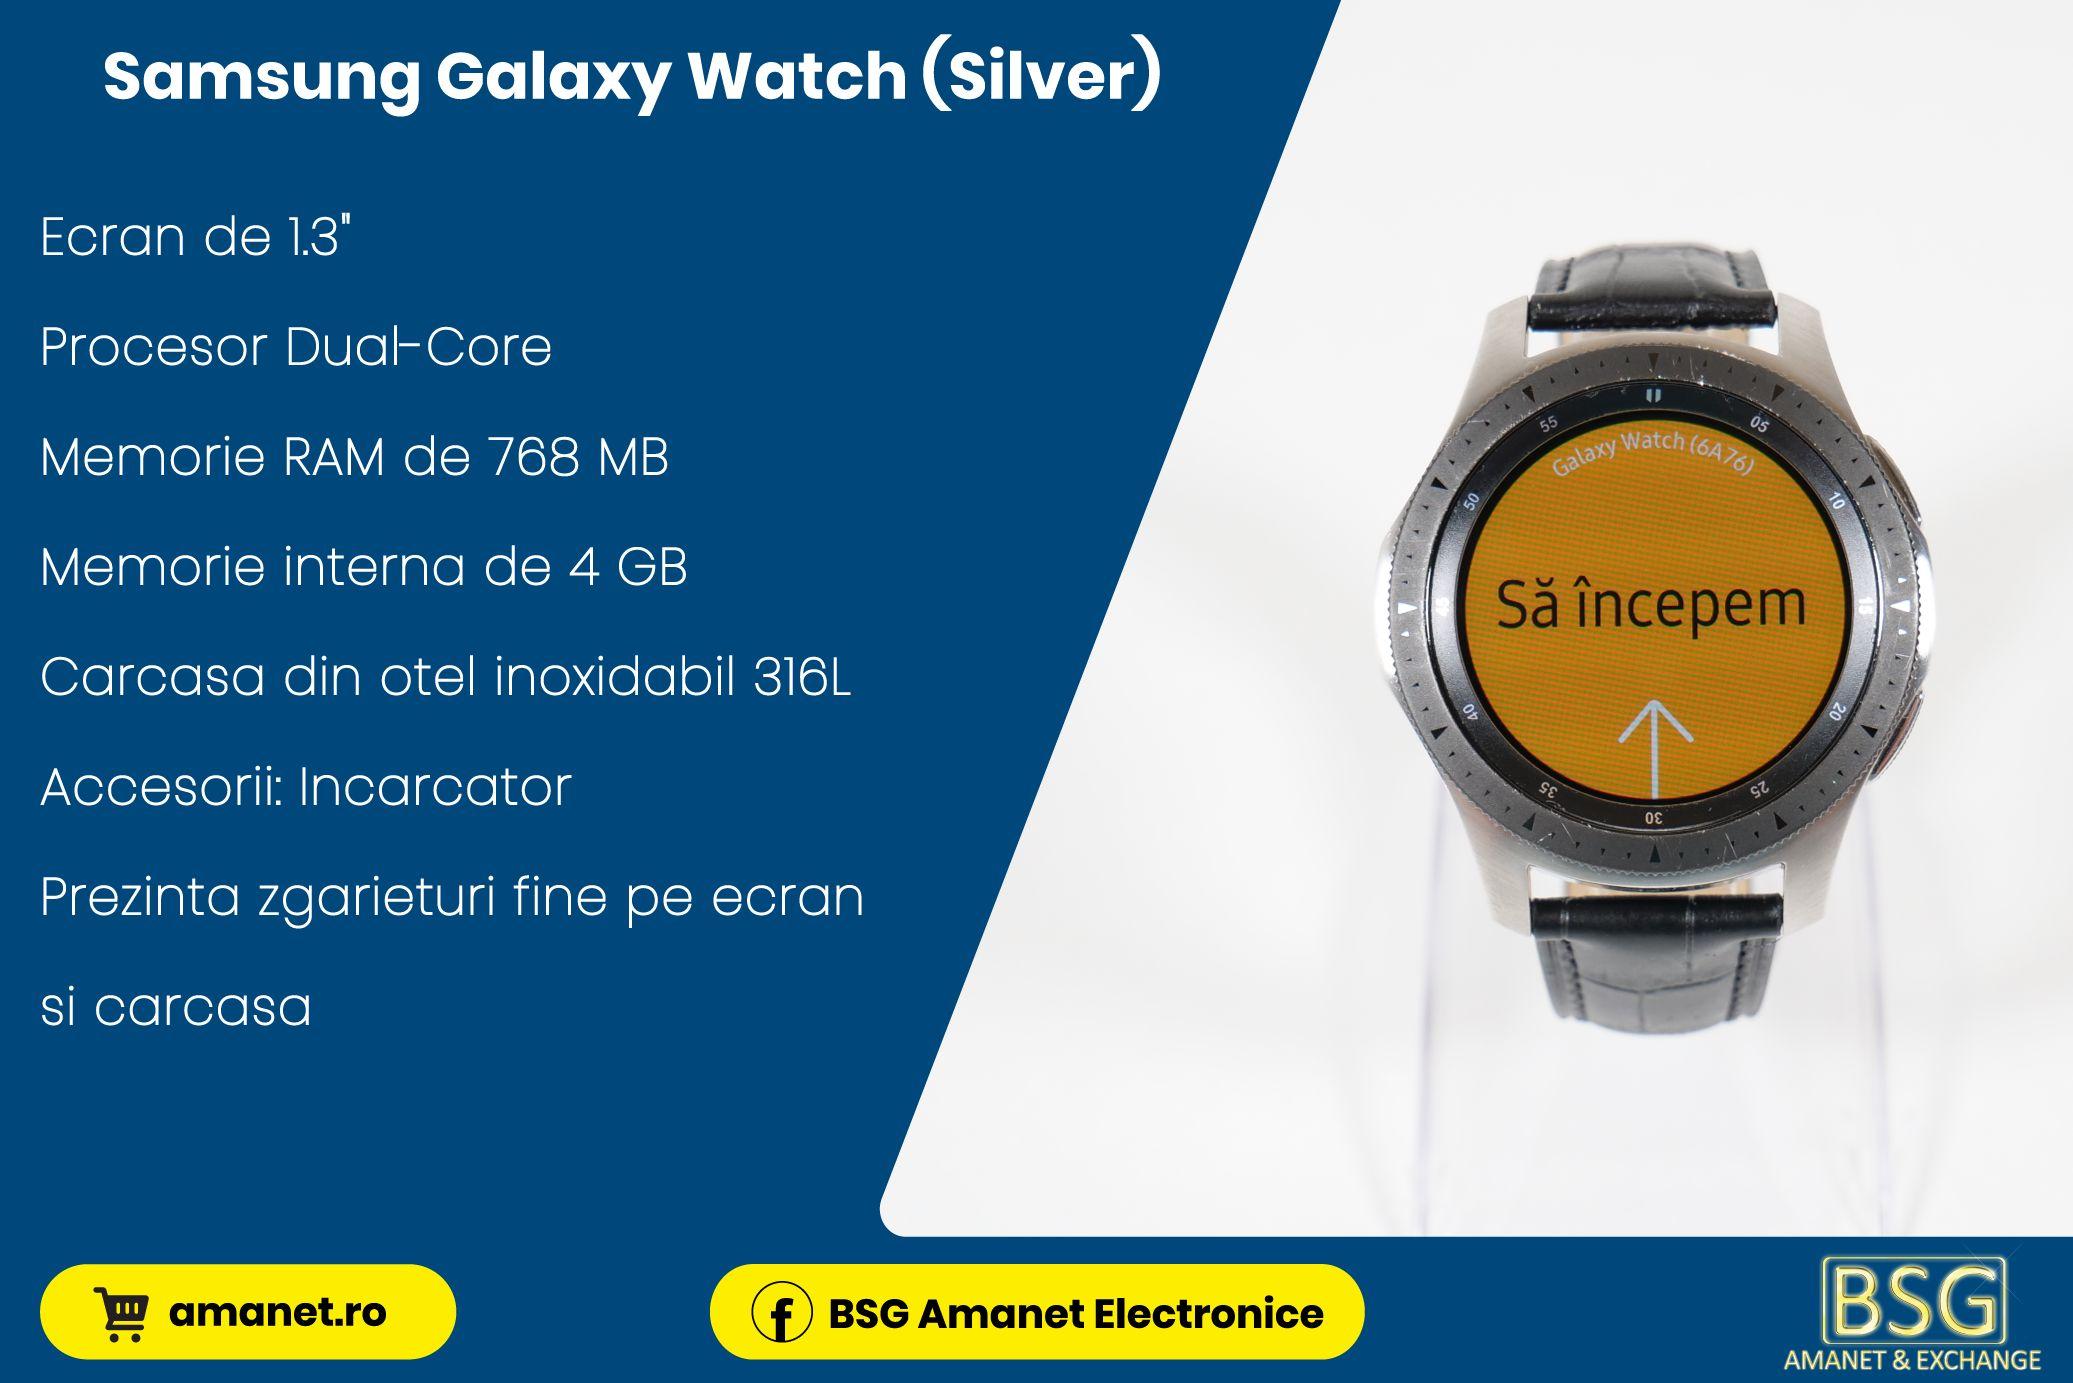 Smartwatch Samsung Galaxy Watch (Silver) - BSG Amanet & Exchange